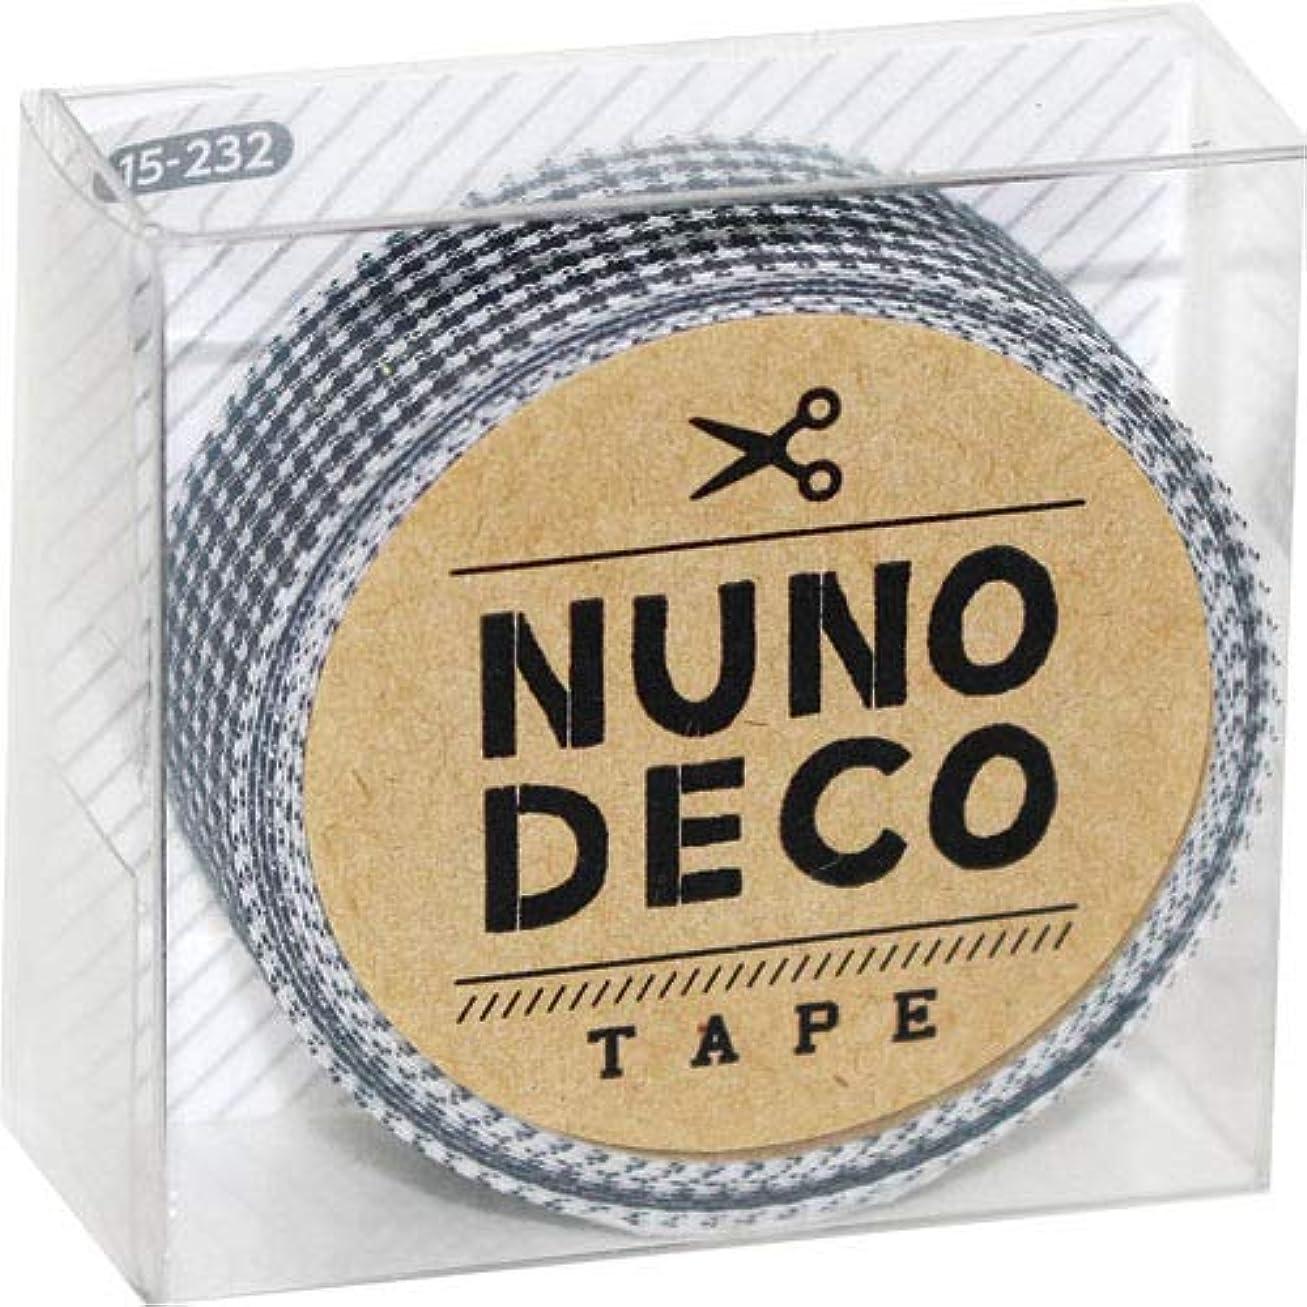 弱まる前述の付与〈UVクラフトレジン〉 (KA15-232) ヌノデコテープ 【ハンサムな千鳥柄】 幅1.5cm 布デコ 名前テープ ハンドメイド 手芸 ネーム 布製 布マスキングテープ NUNO DECO TAPE